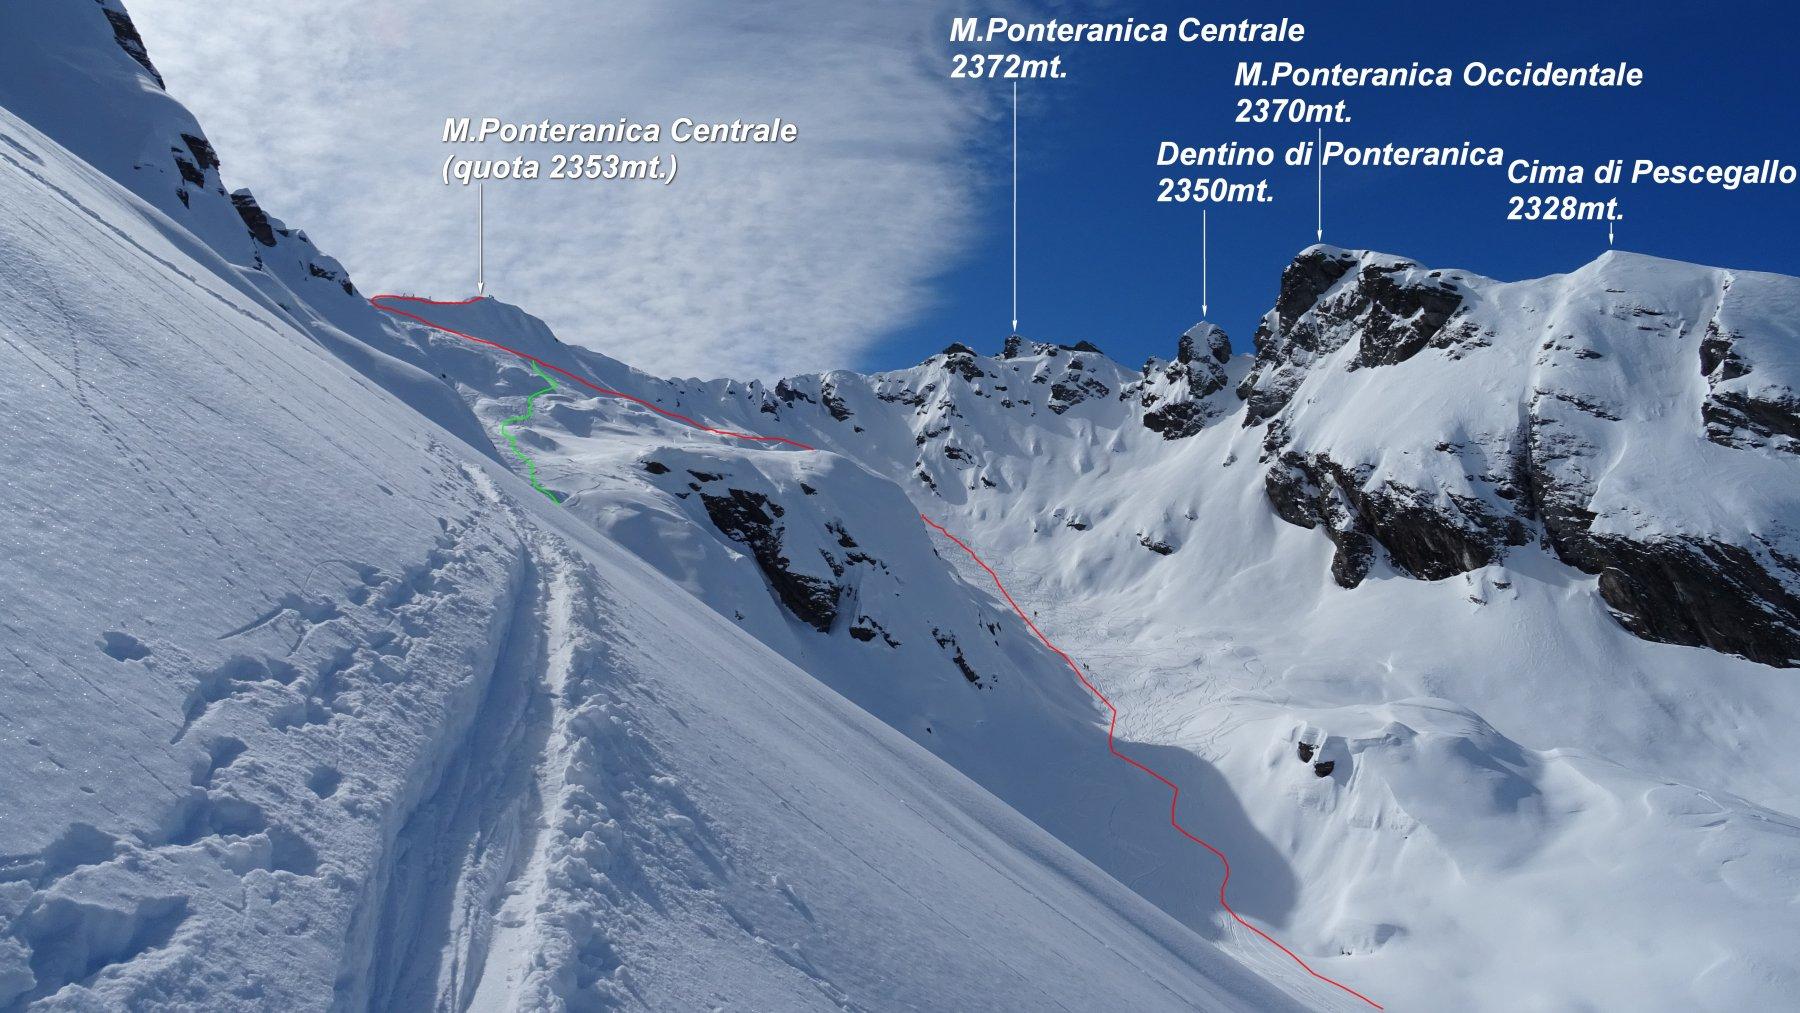 In rosso la traccia di salita fatta salendo il M.Ponteranica centrale q.2353mt. in giallo un tratto della discesa che porta ai piedi del M.Ponteranica orientale.